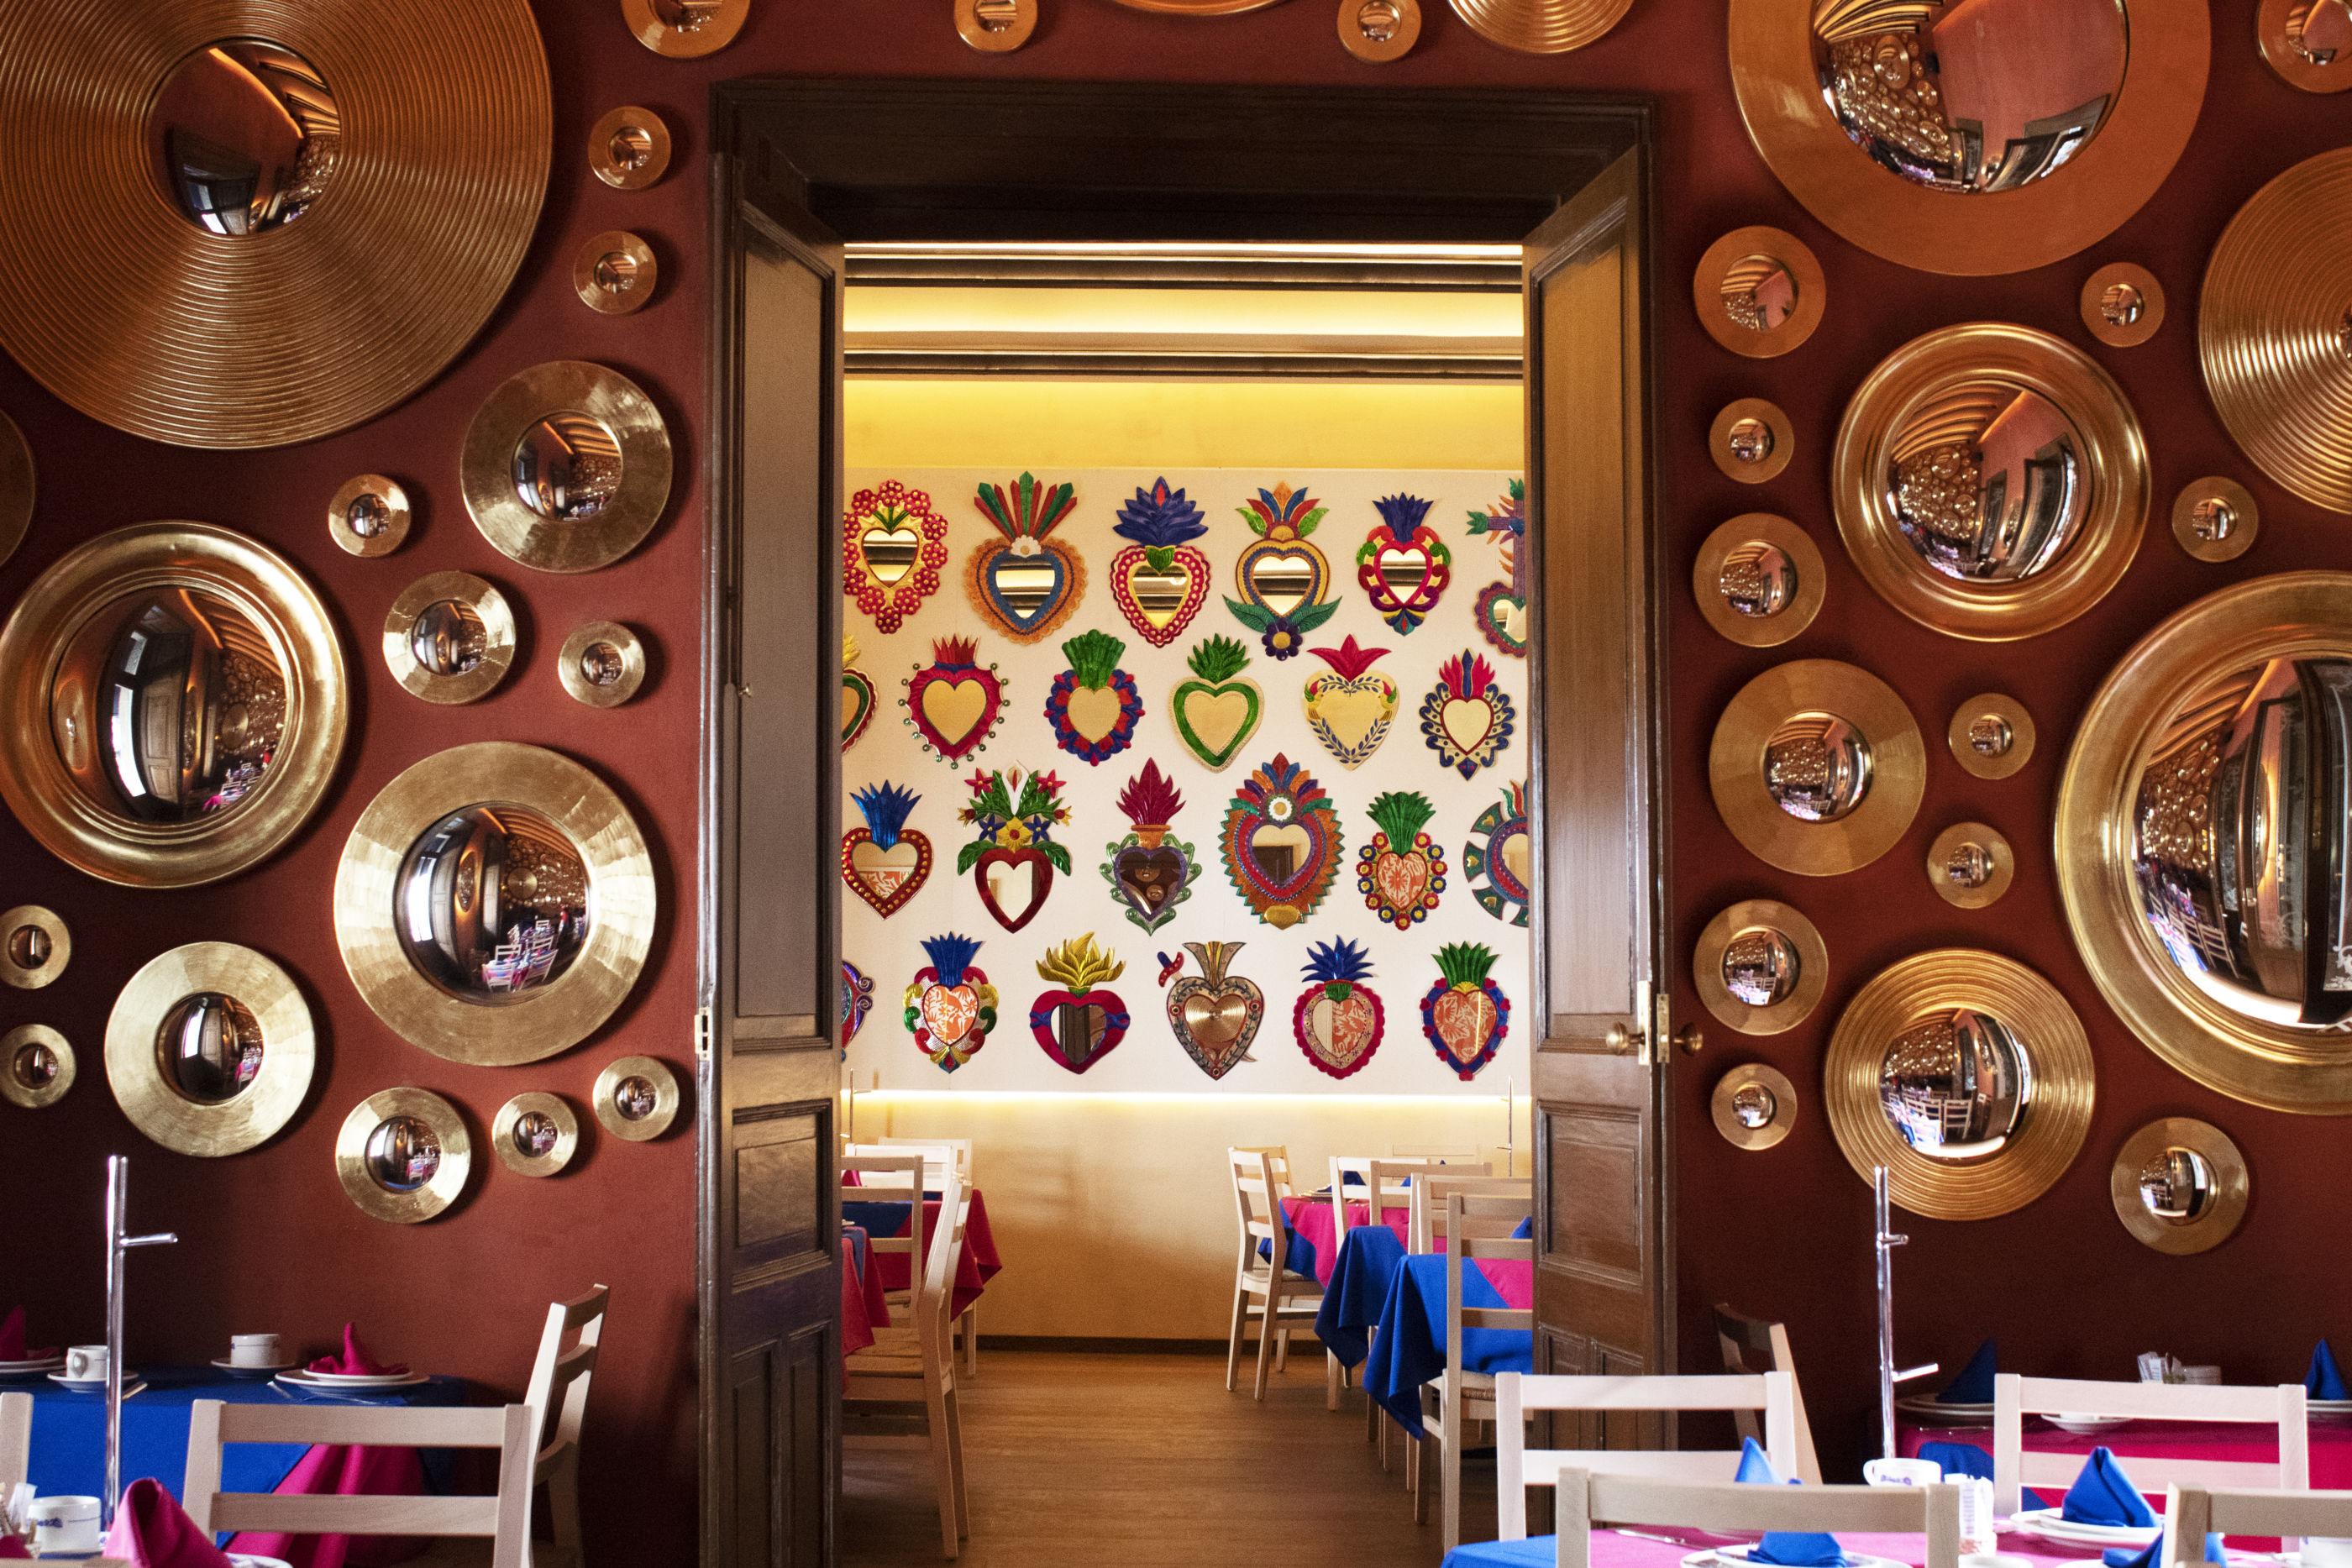 Los 12 restaurantes de cocina mexicana más bonitos de la CDMX